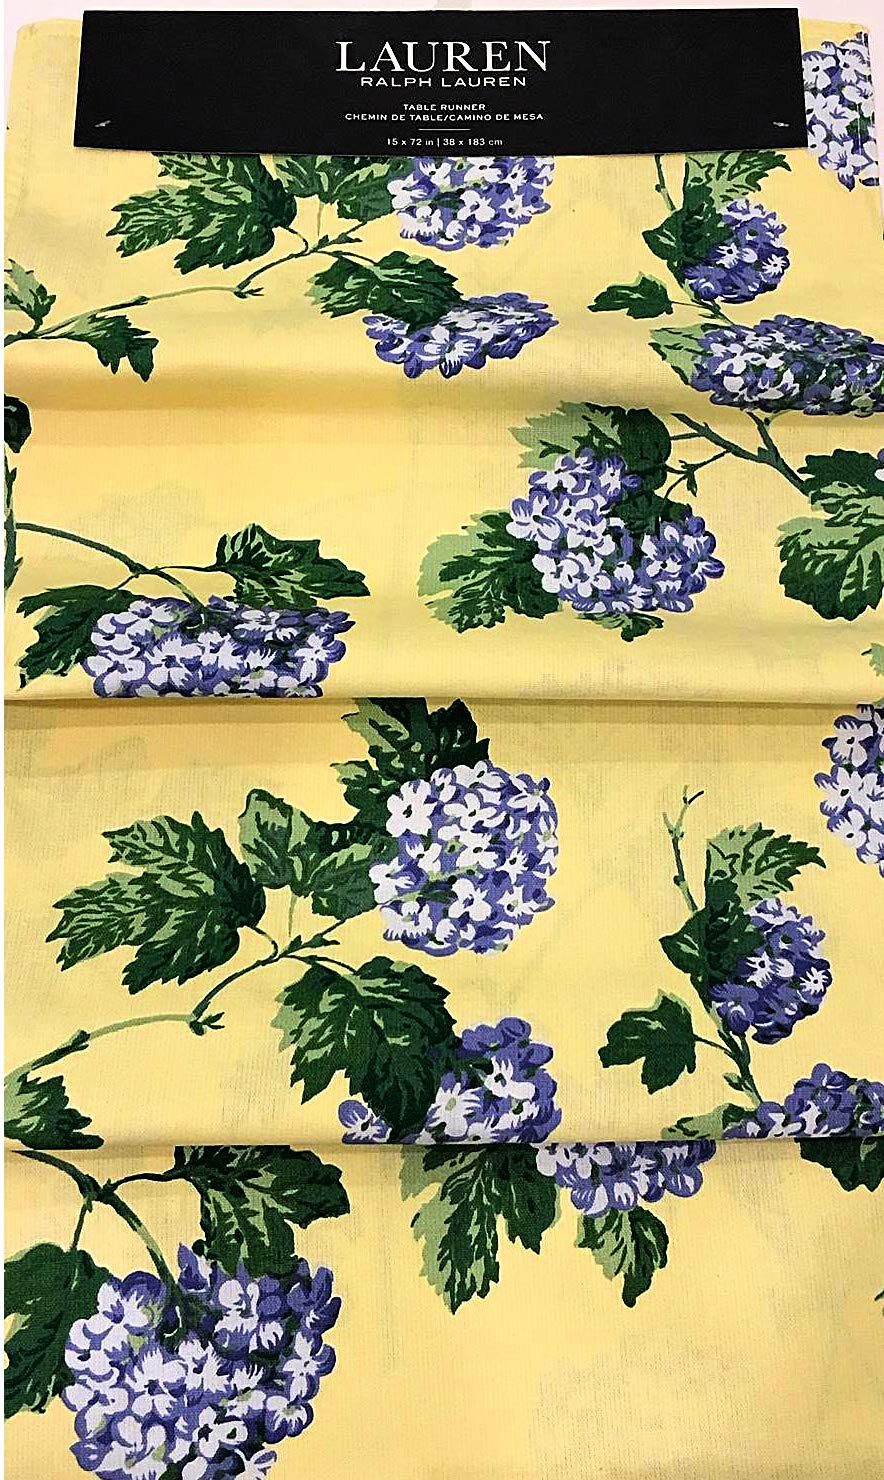 ラルフローレン 春/夏 青紫陽花 黄色テーブルランナーに咲き乱れる花 | 15インチ×72インチ | 綿100%   B07PNYKXMZ